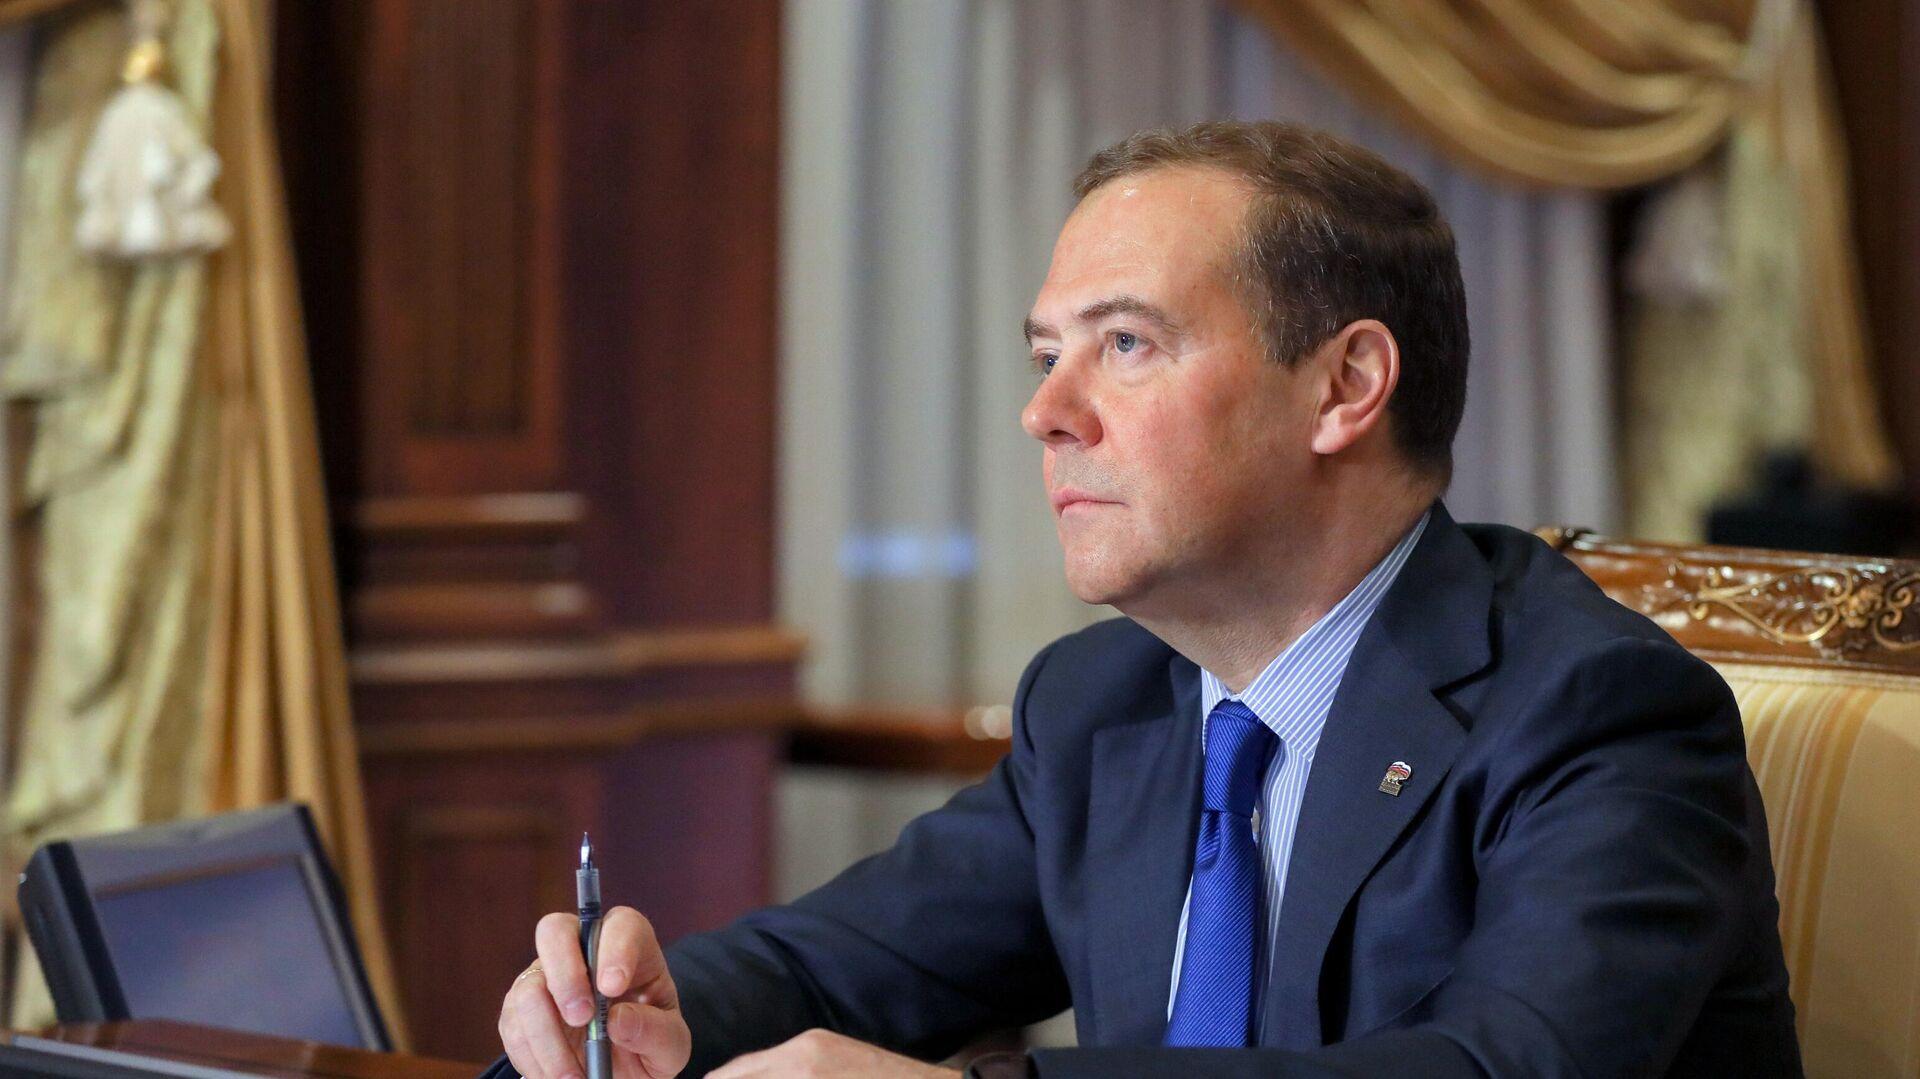 Председатель Единой России Дмитрий Медведев проводит онлайн-прием граждан - РИА Новости, 1920, 27.01.2021